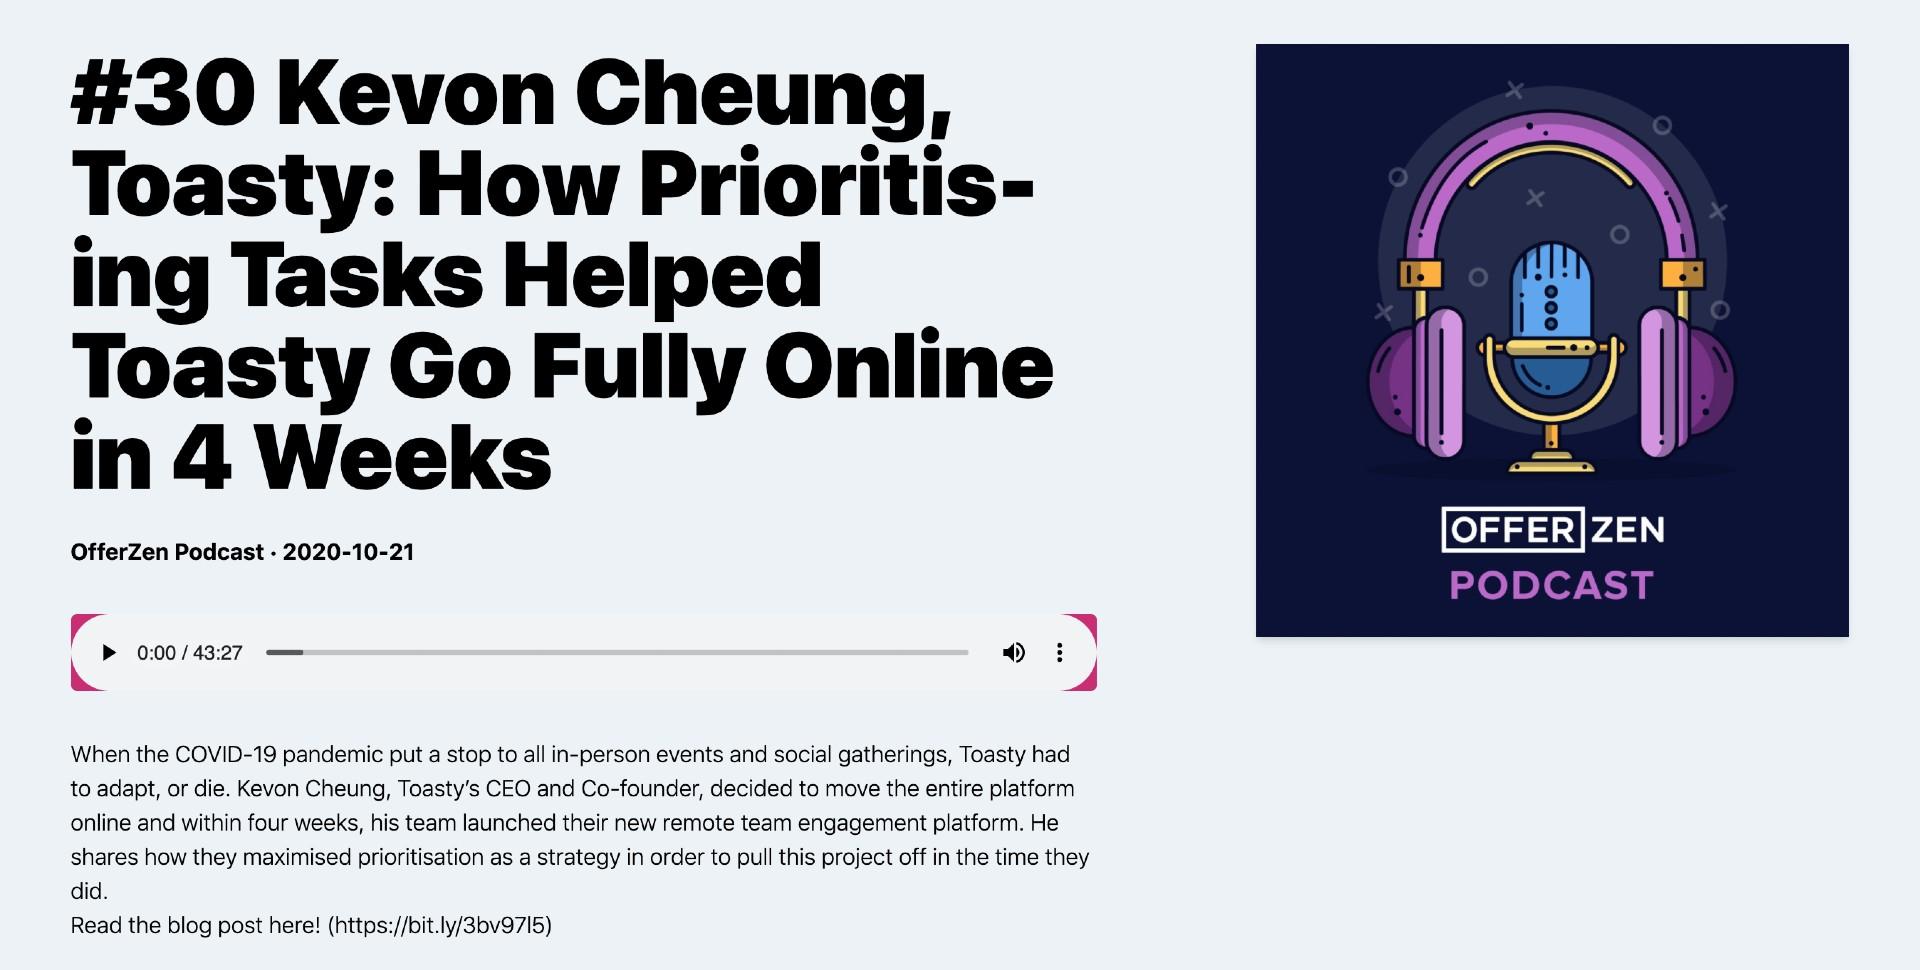 How Prioritising Tasks Helped Toasty Go Fully Online in 4 Weeks